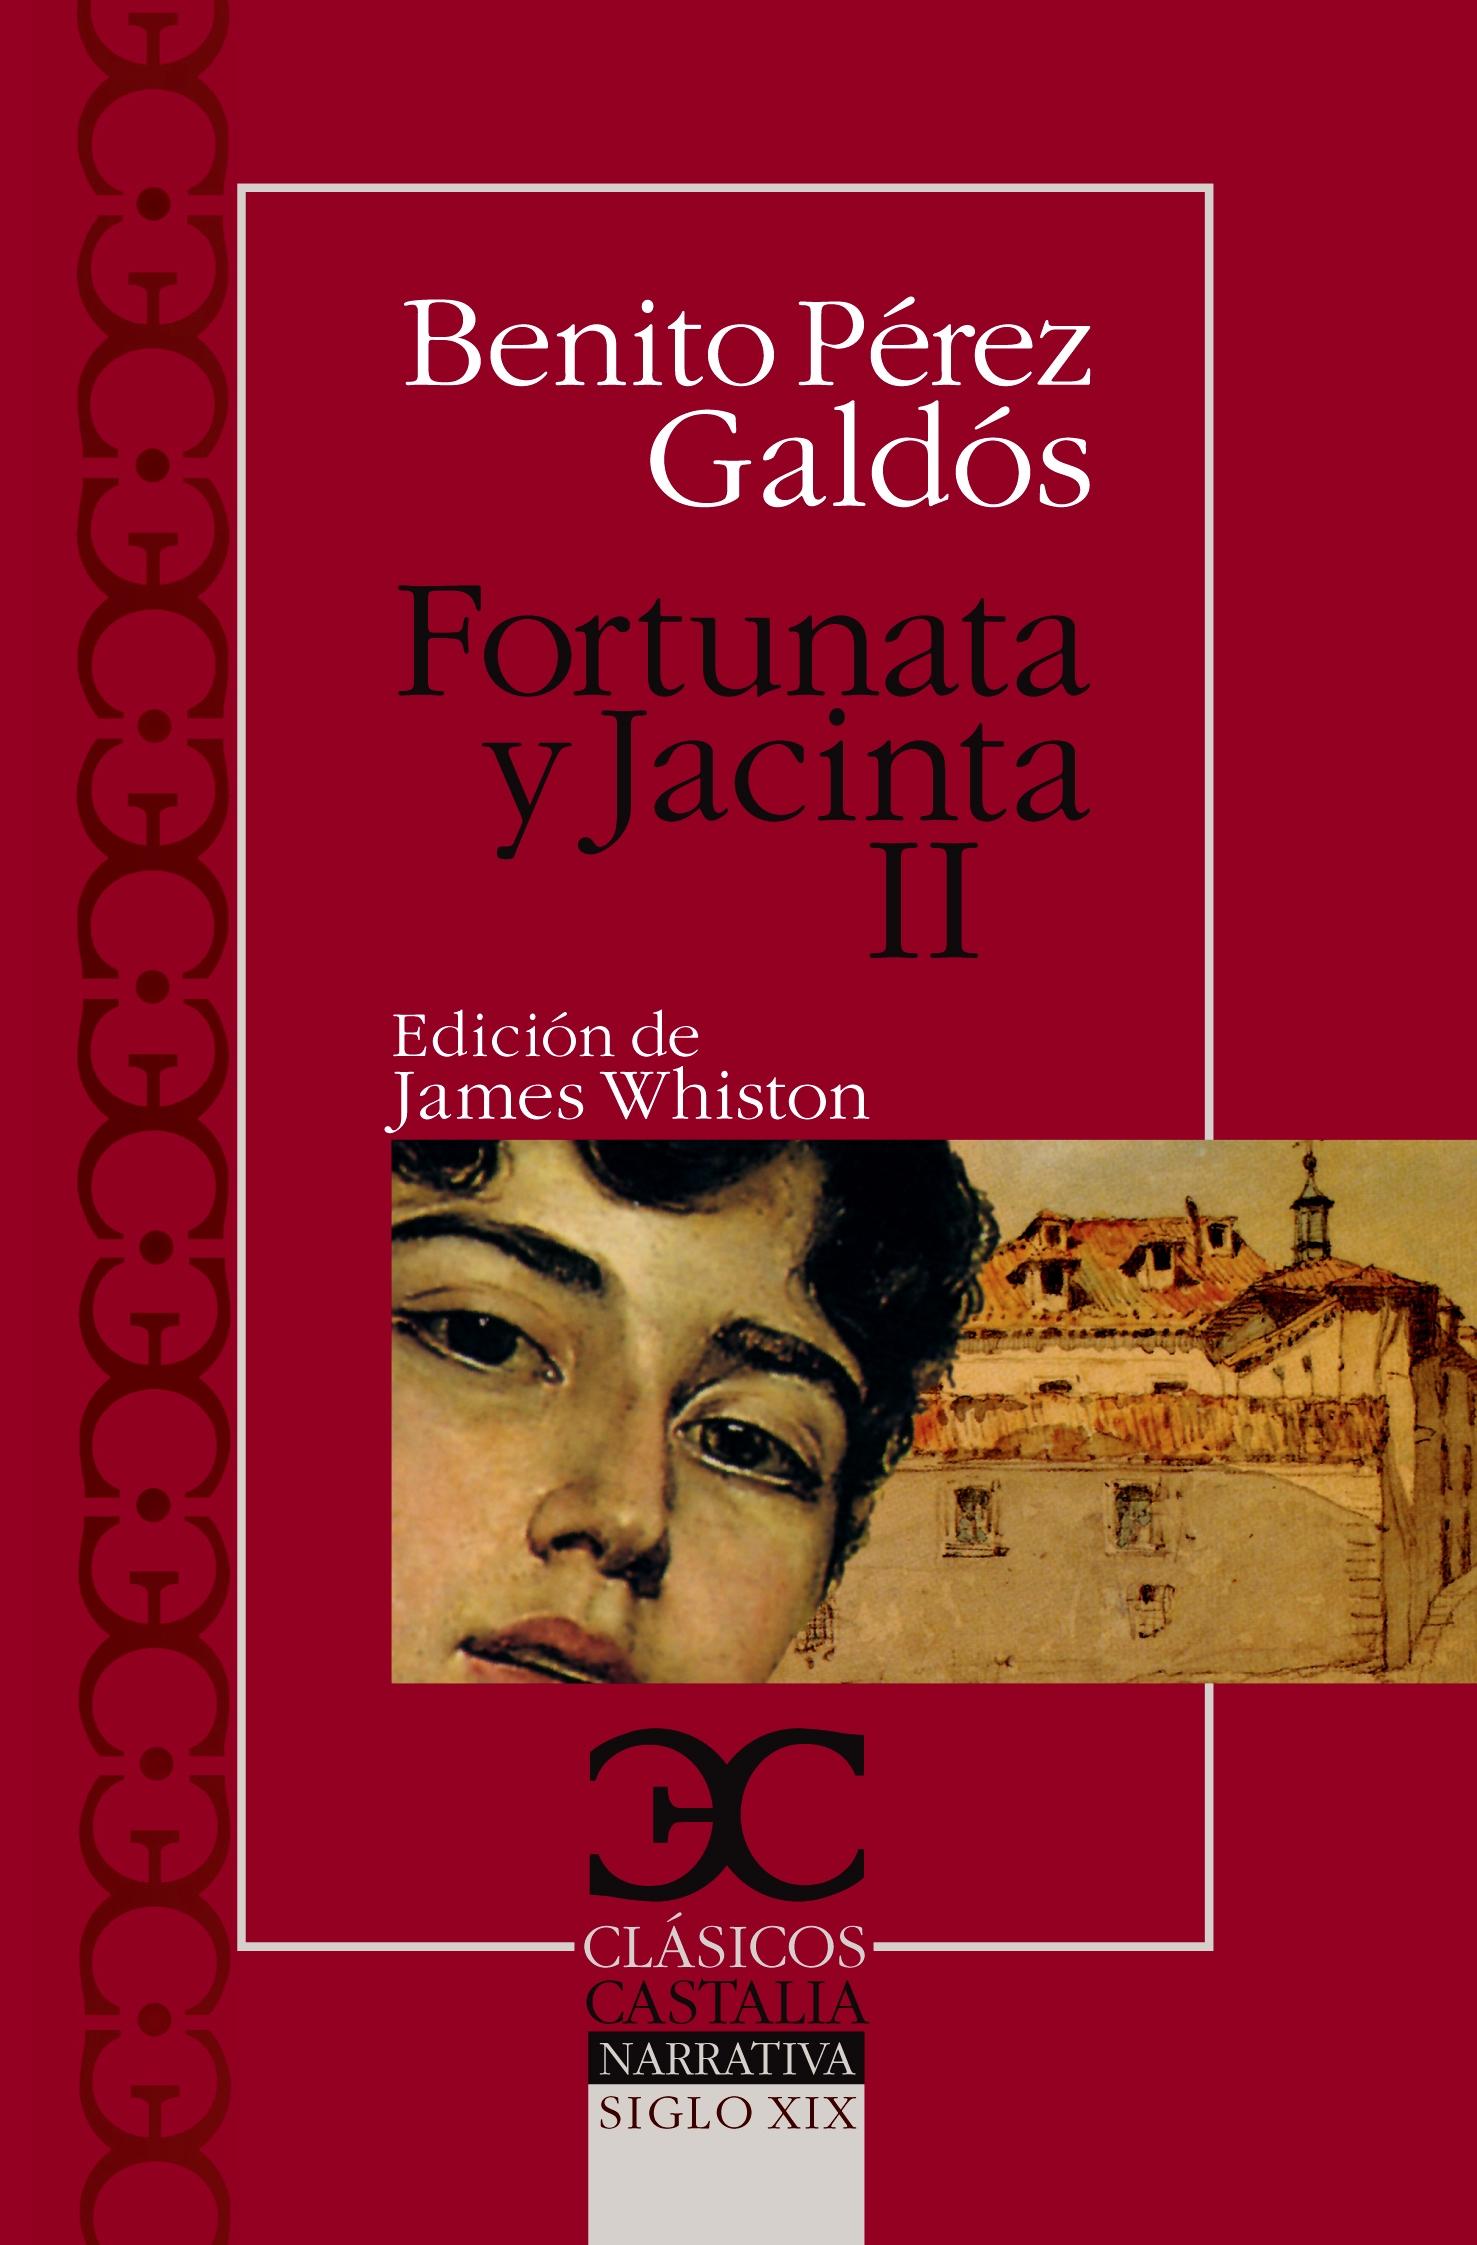 Fortunata y Jacinta II